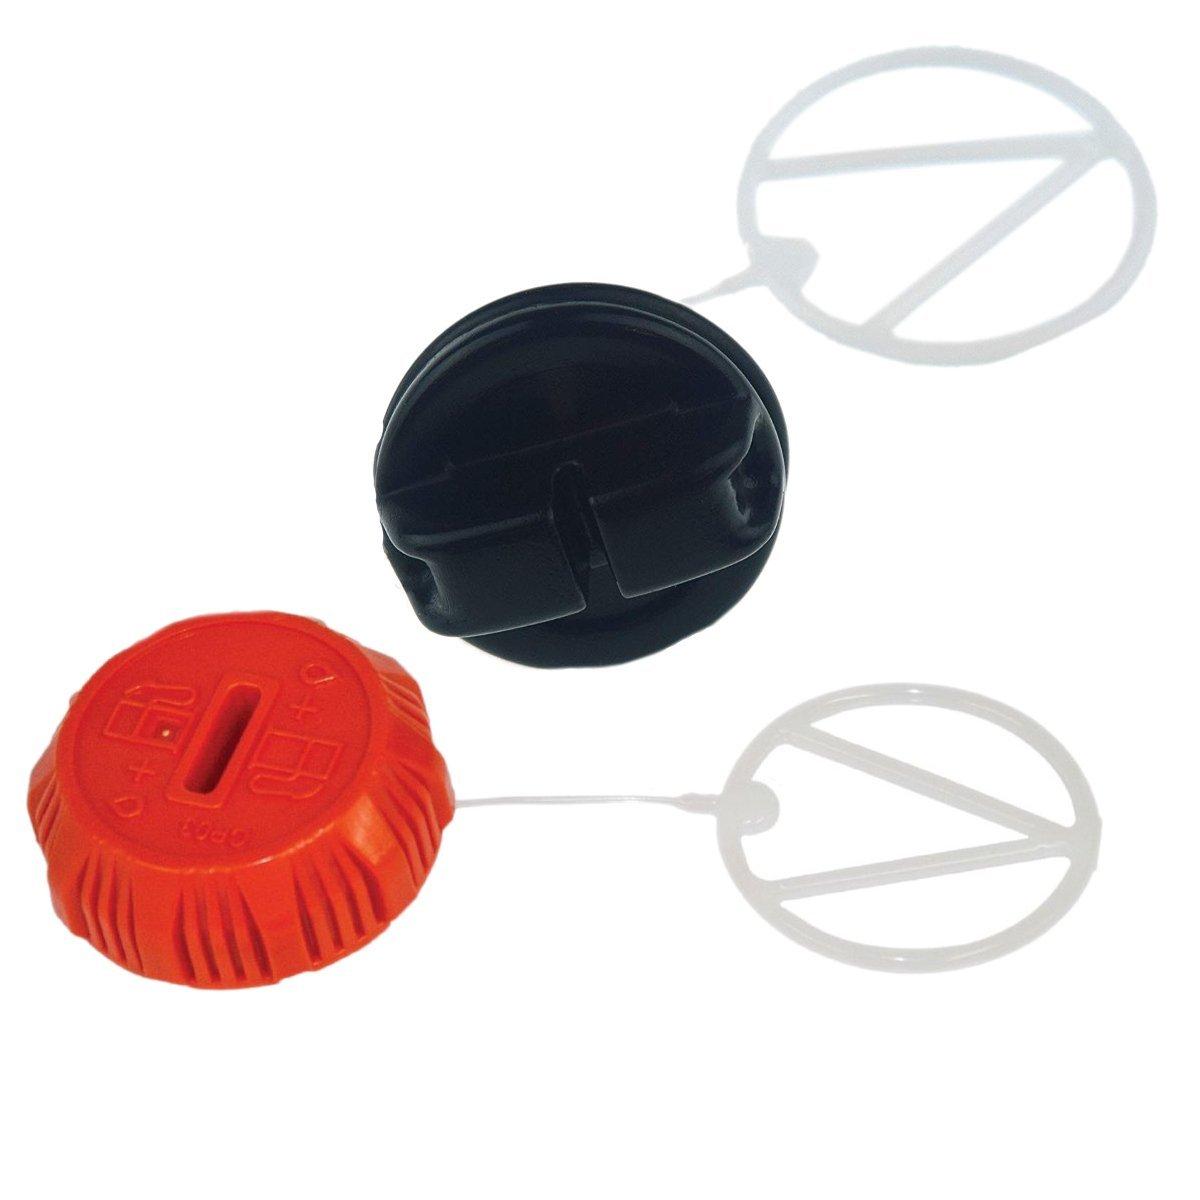 Genuine Echo P021036960 + P021007630 Set of Oil + Gas Cap Fits CS-370 CS-370F CS-400 CS-420ES CS-450 CS-450P CS-530 Chainsaws by Chainsaws Parts